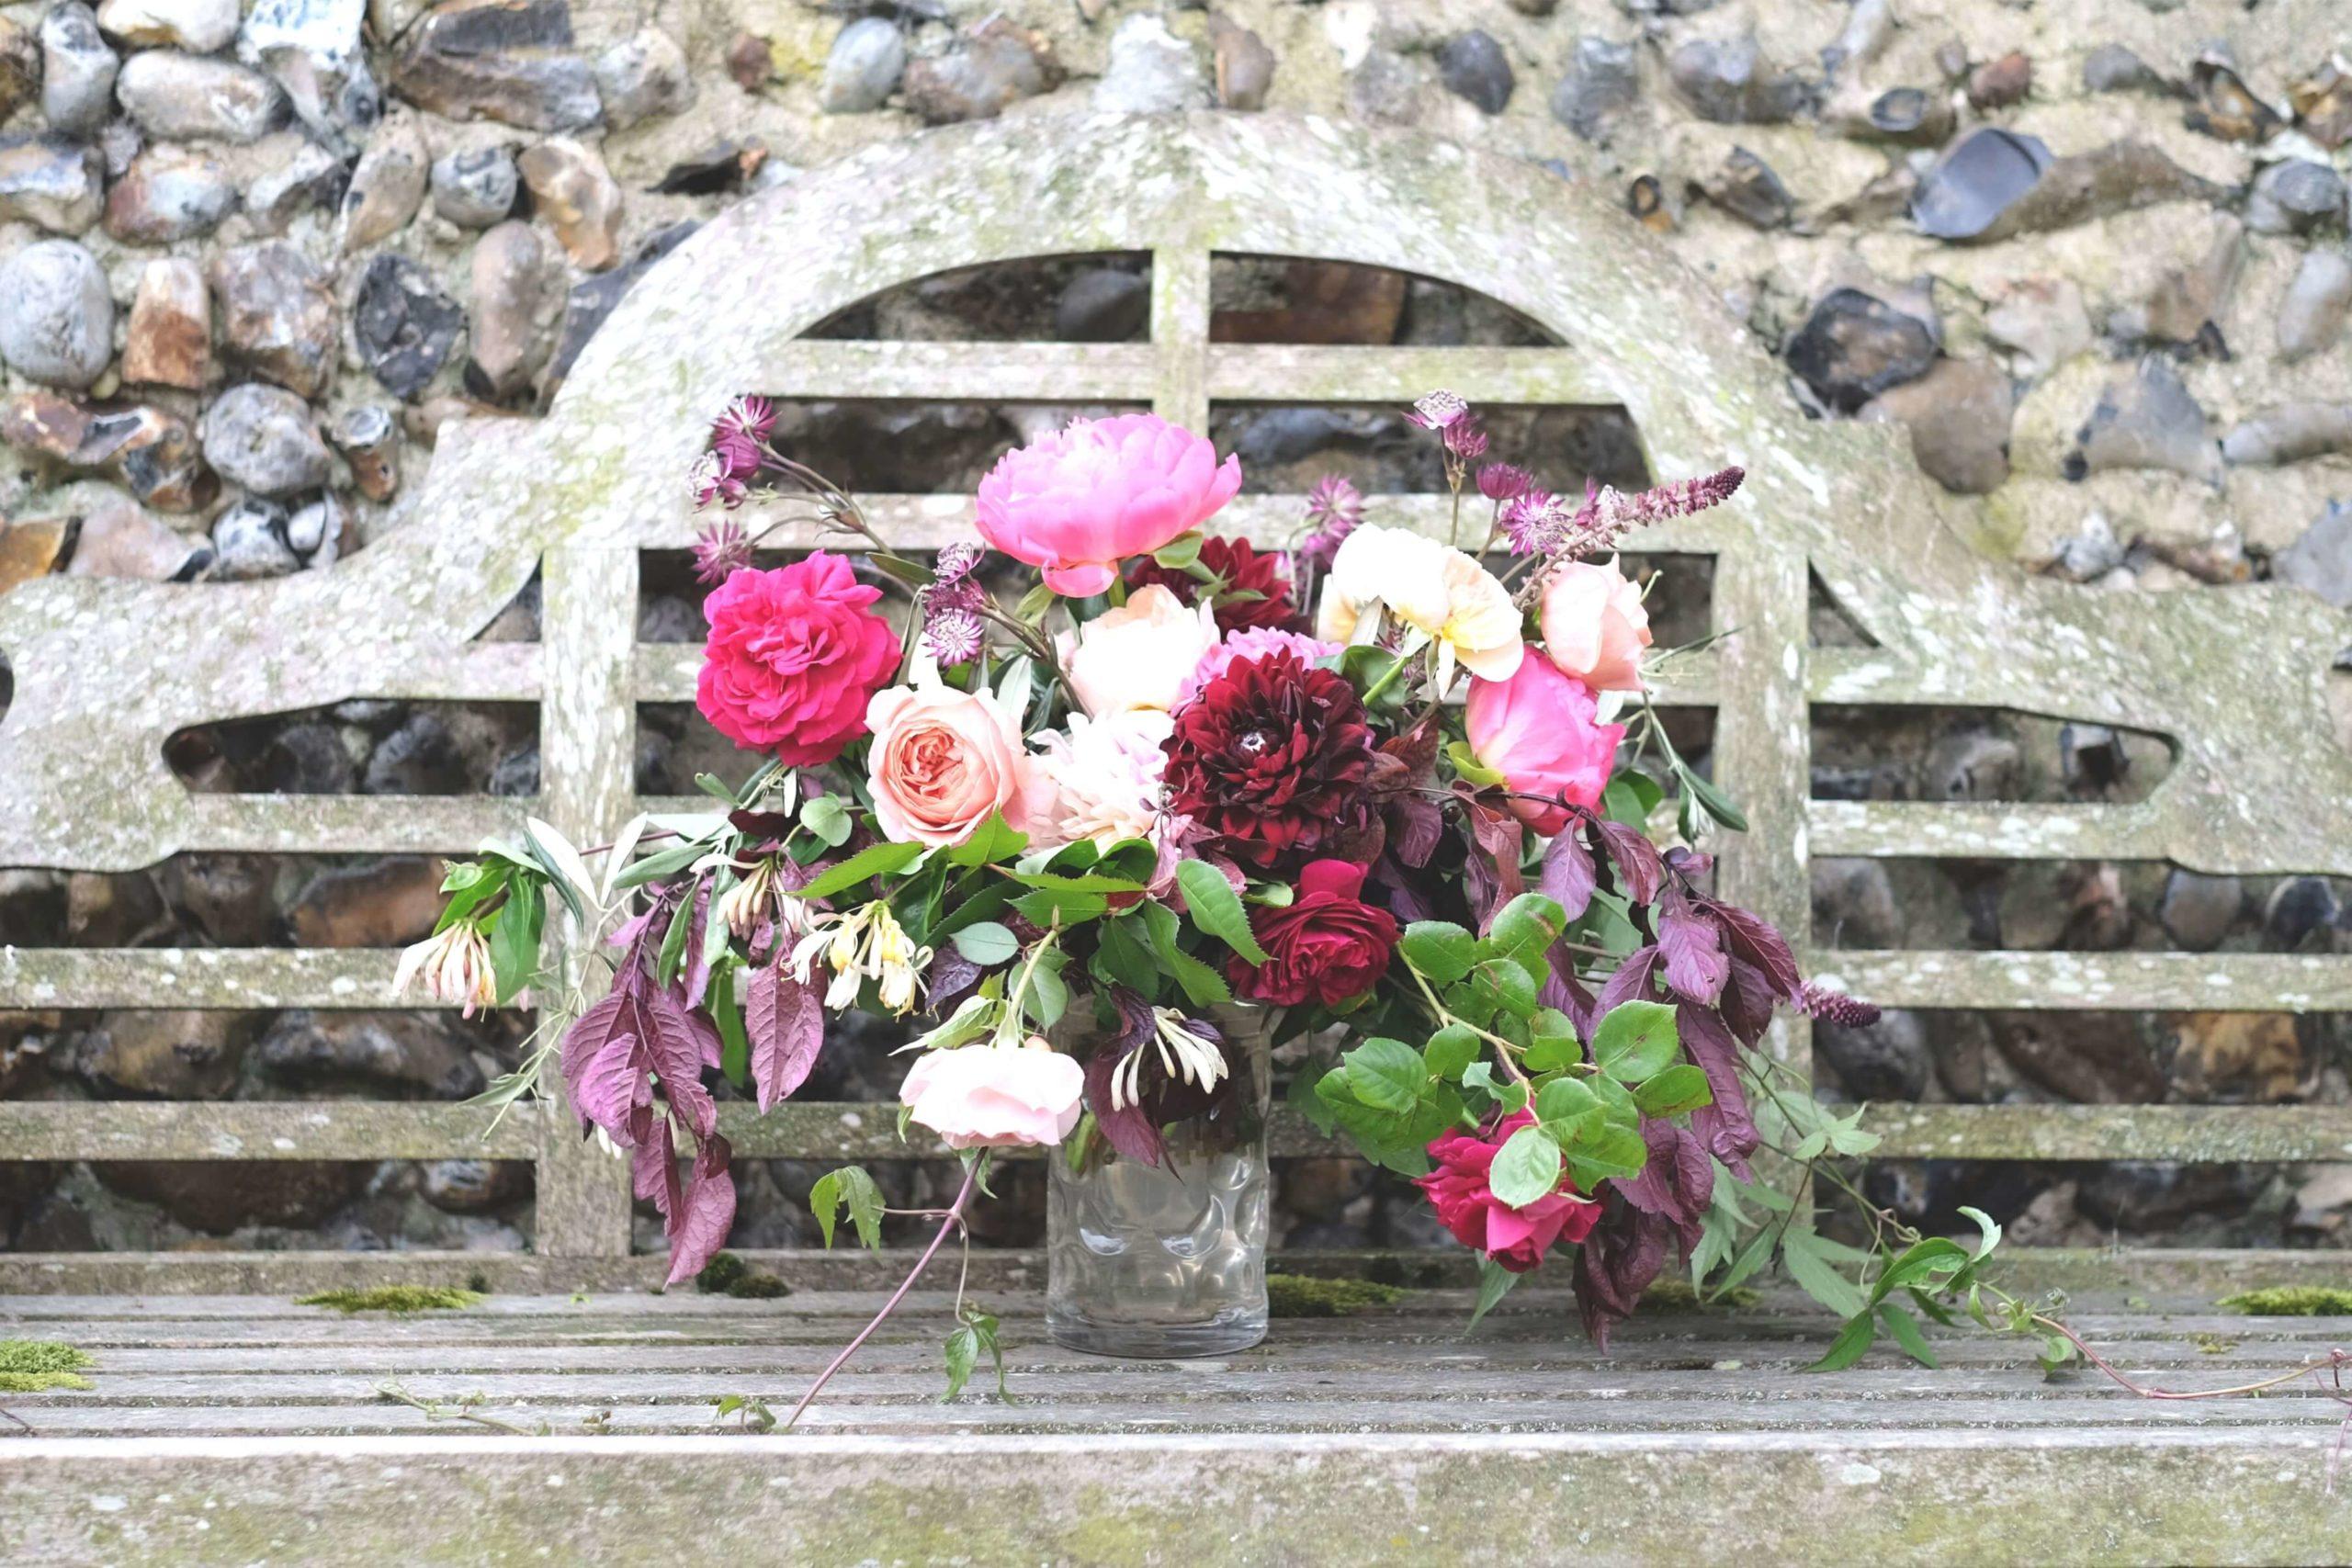 Rose, Claret & Blackberries 25